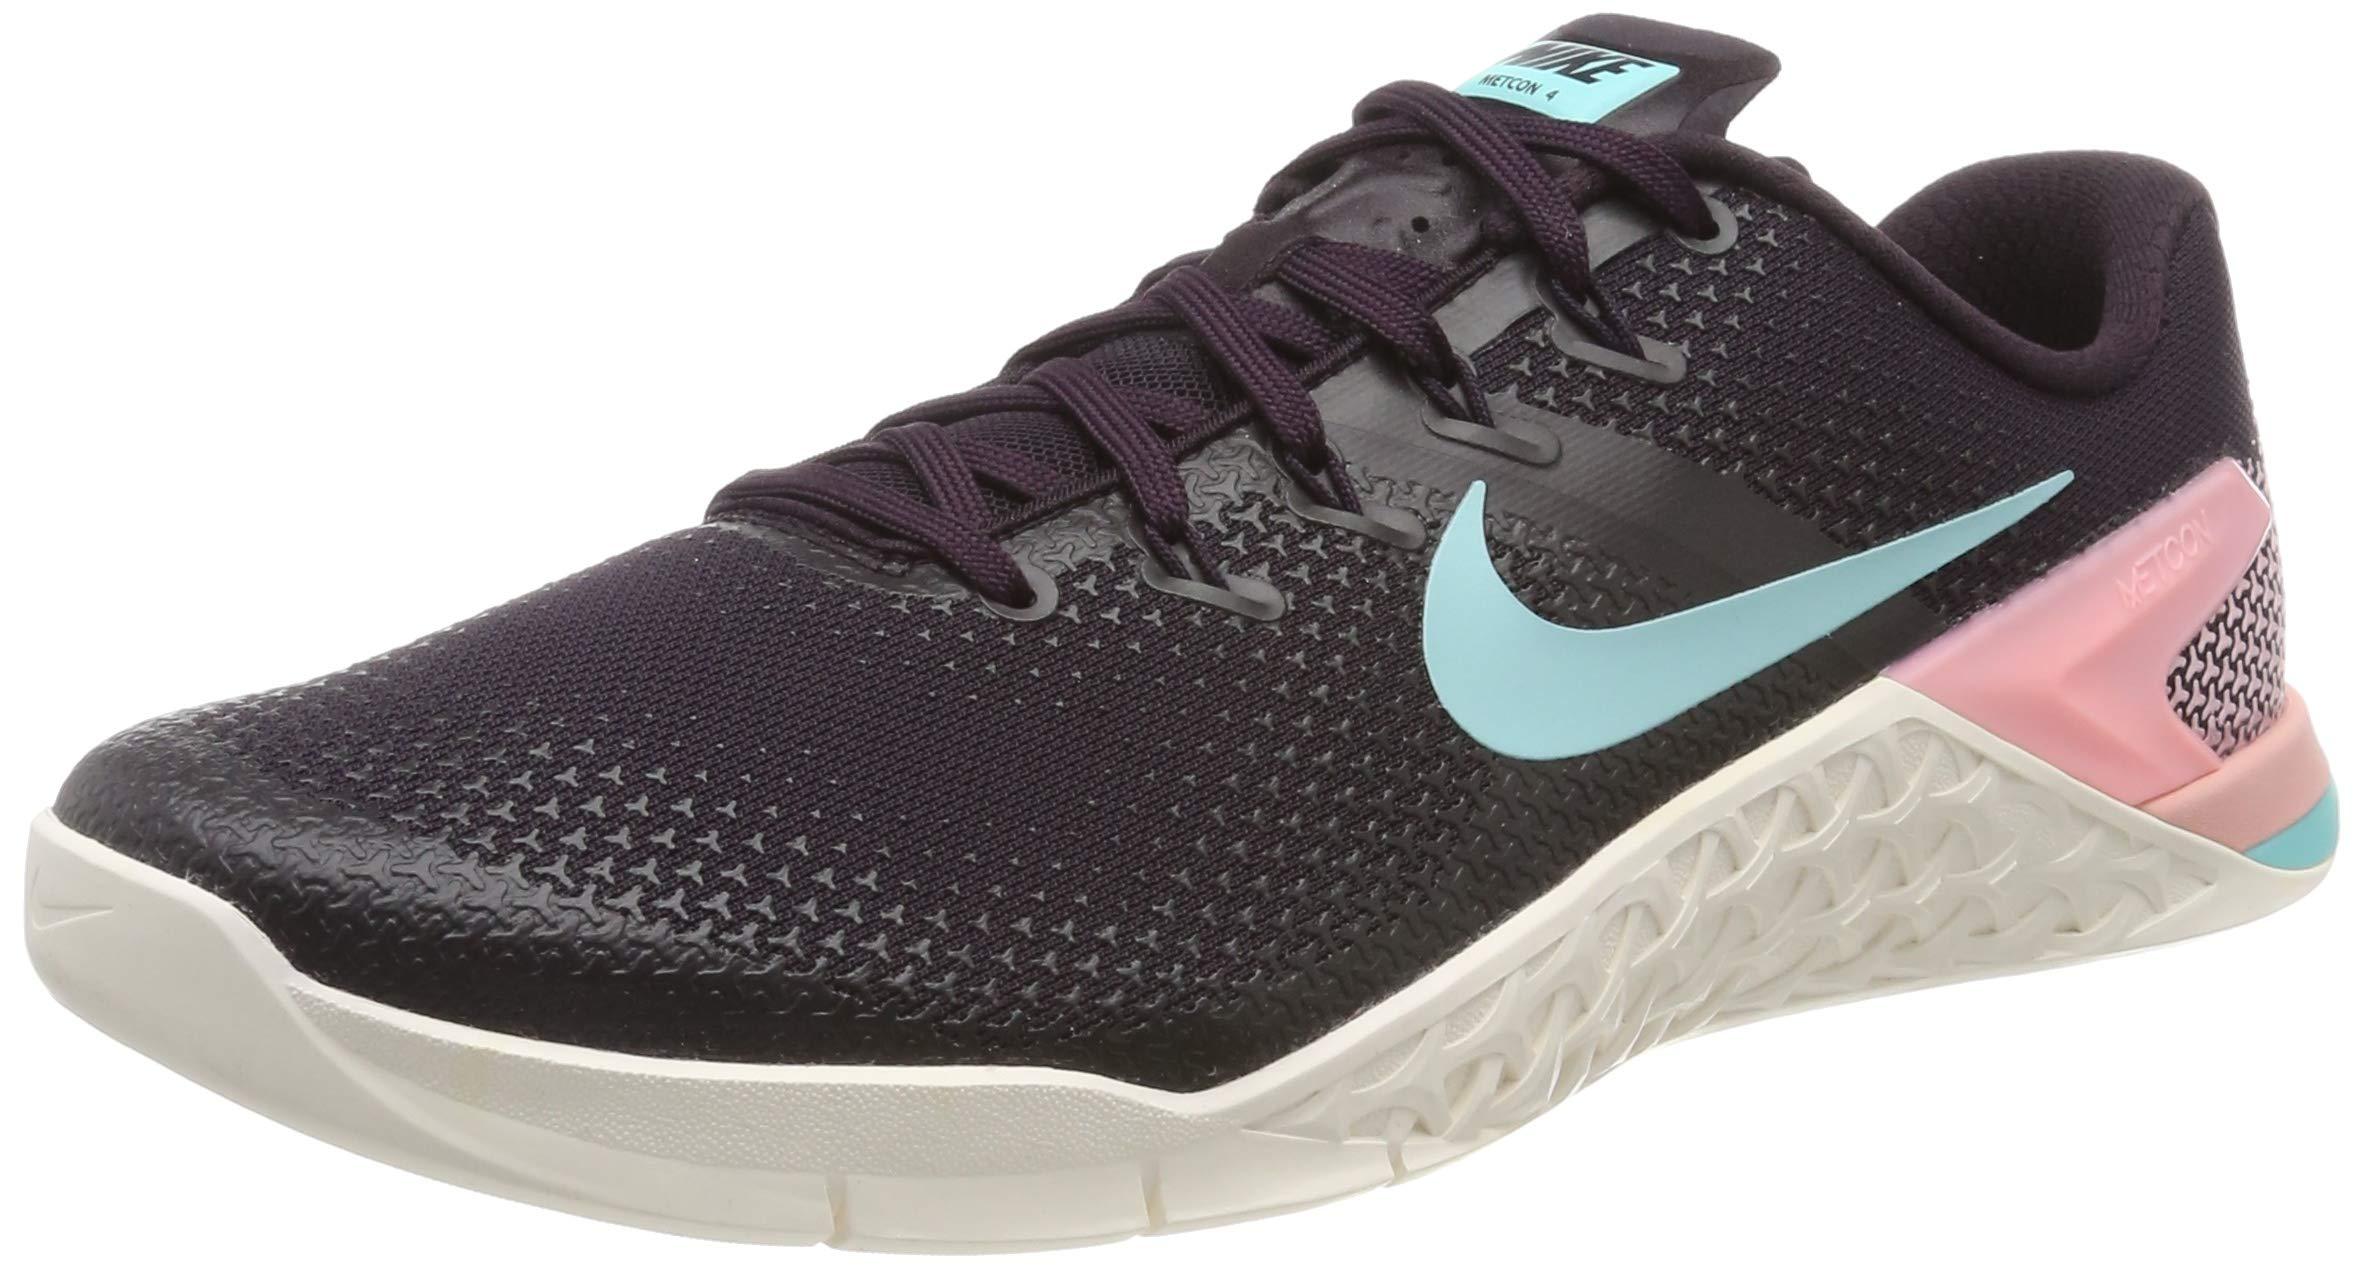 Nike Women's Metcon 4 Training Shoe Burgundy ASH/Aurora Green-SAIL-Pink Tint 5.5